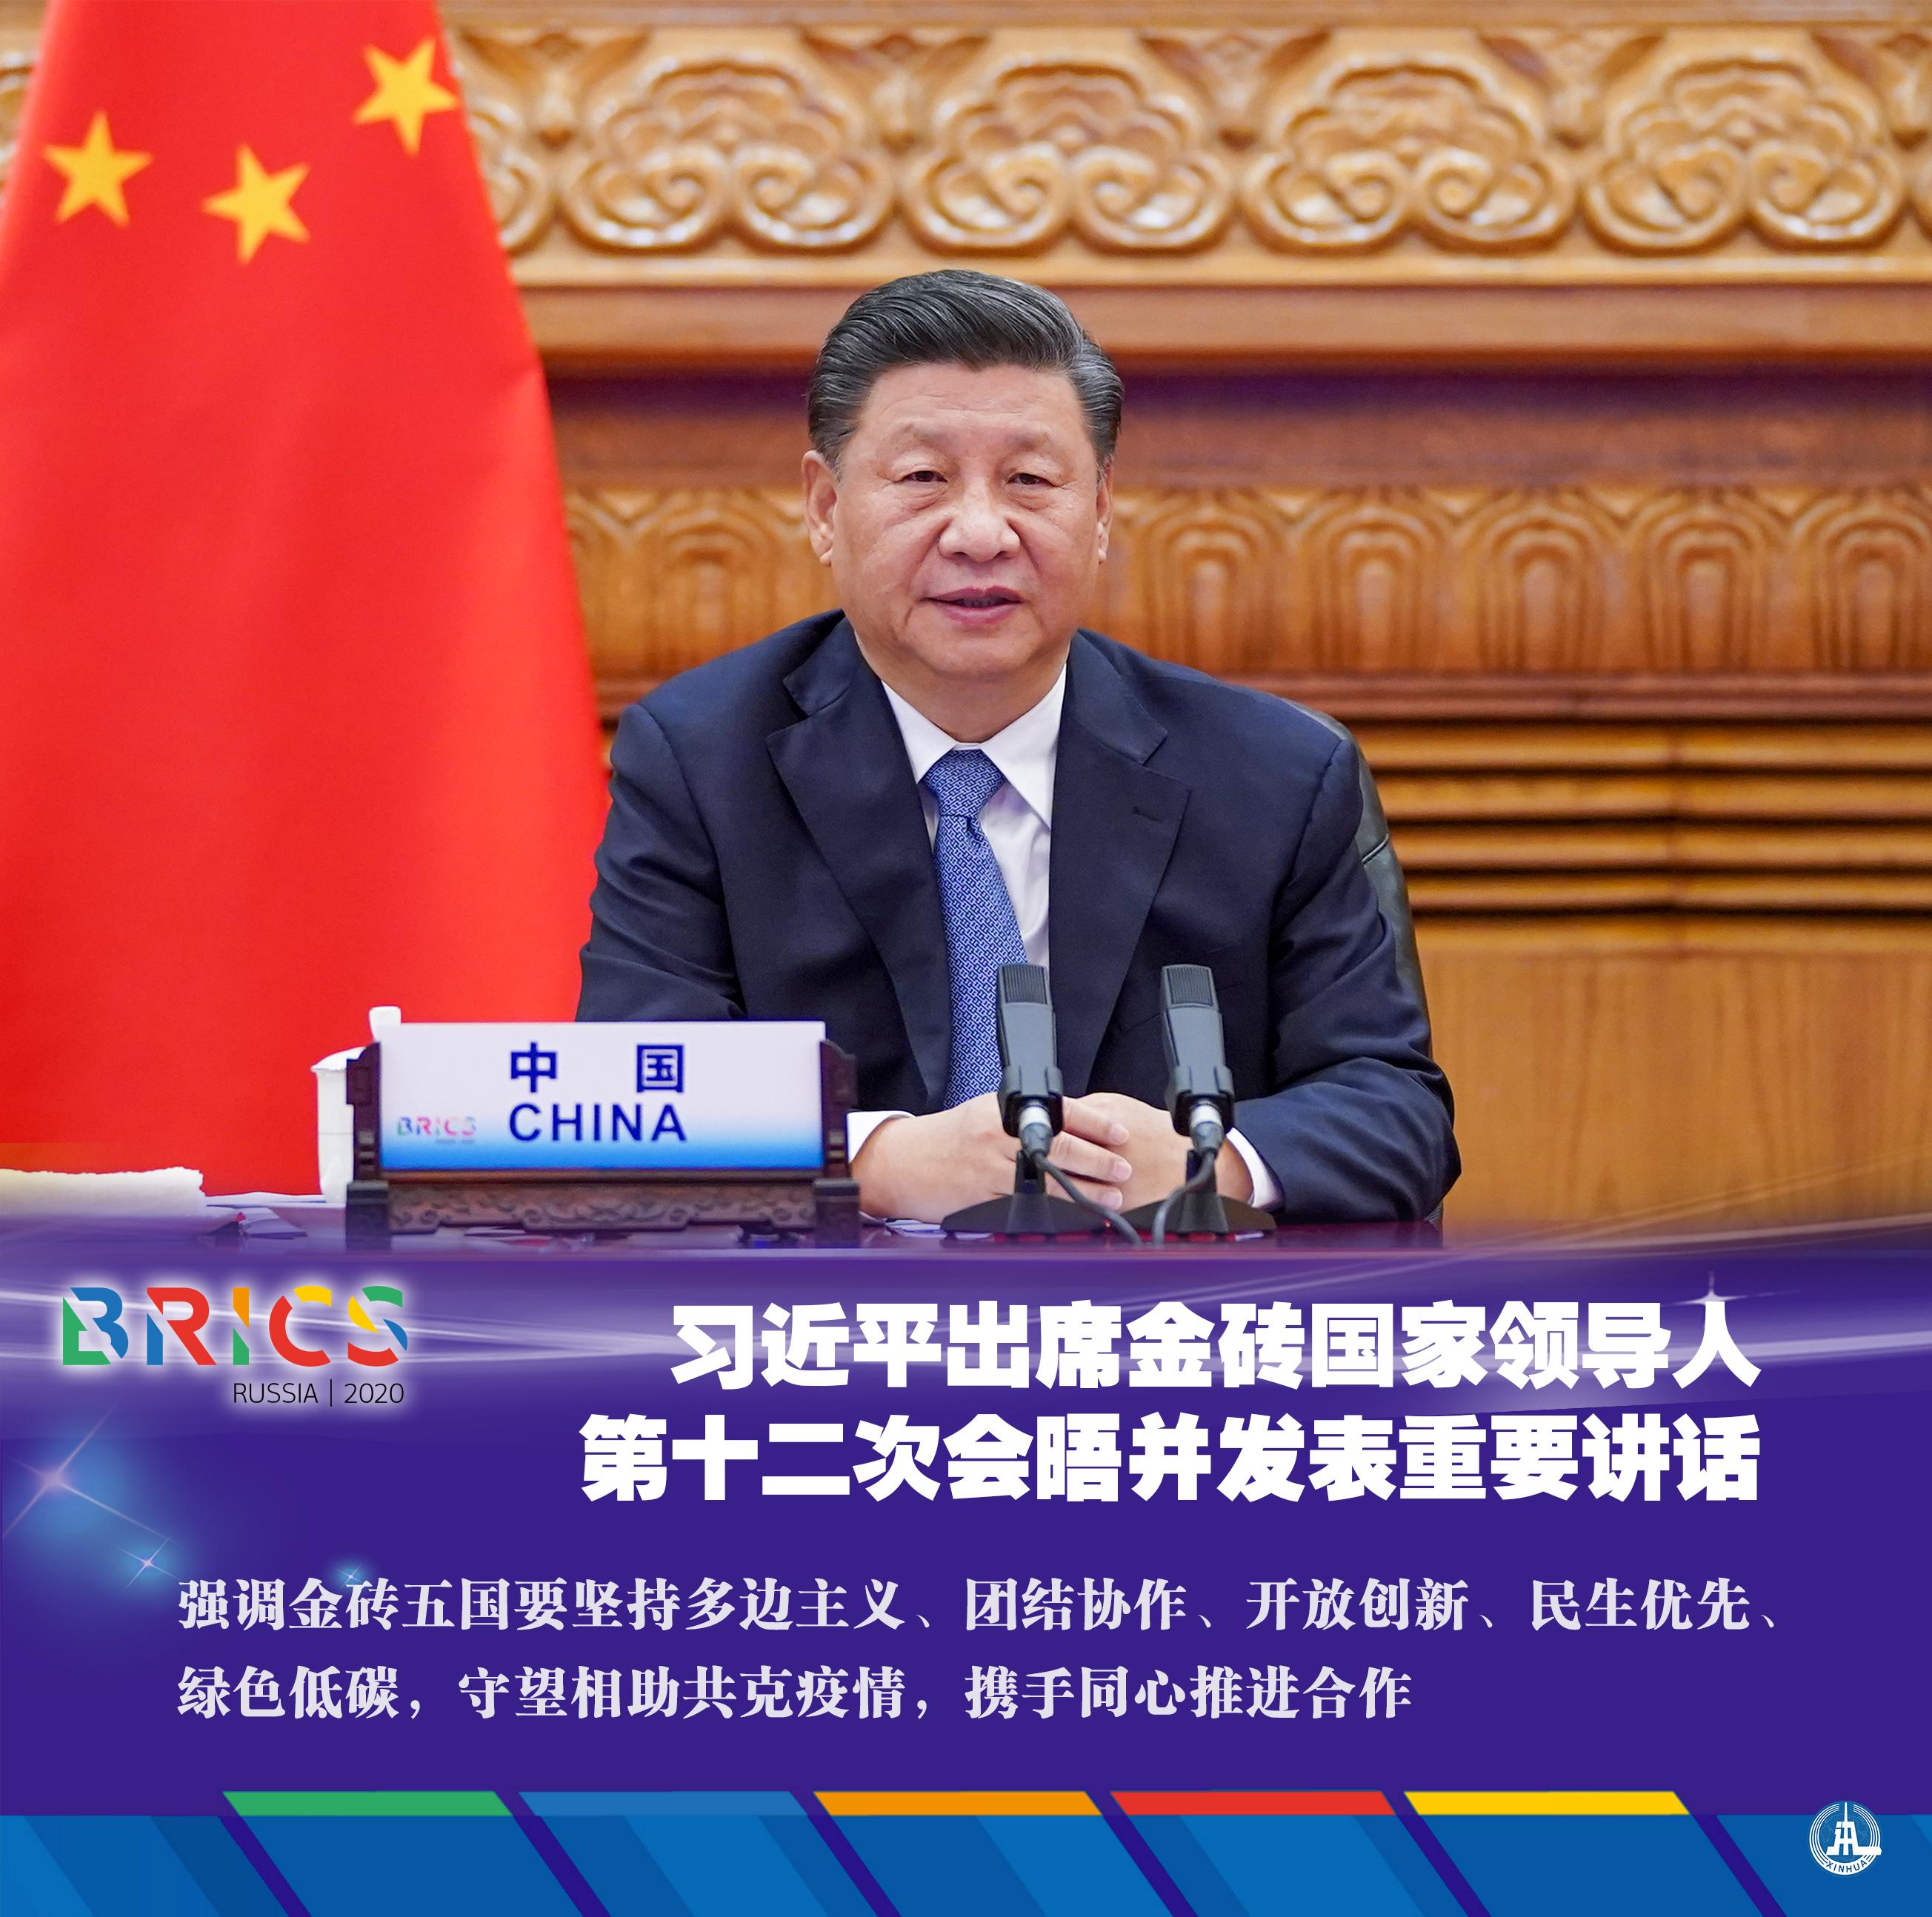 [外事]习近平出席金砖国家领导人第十二次会晤并发表重要讲话